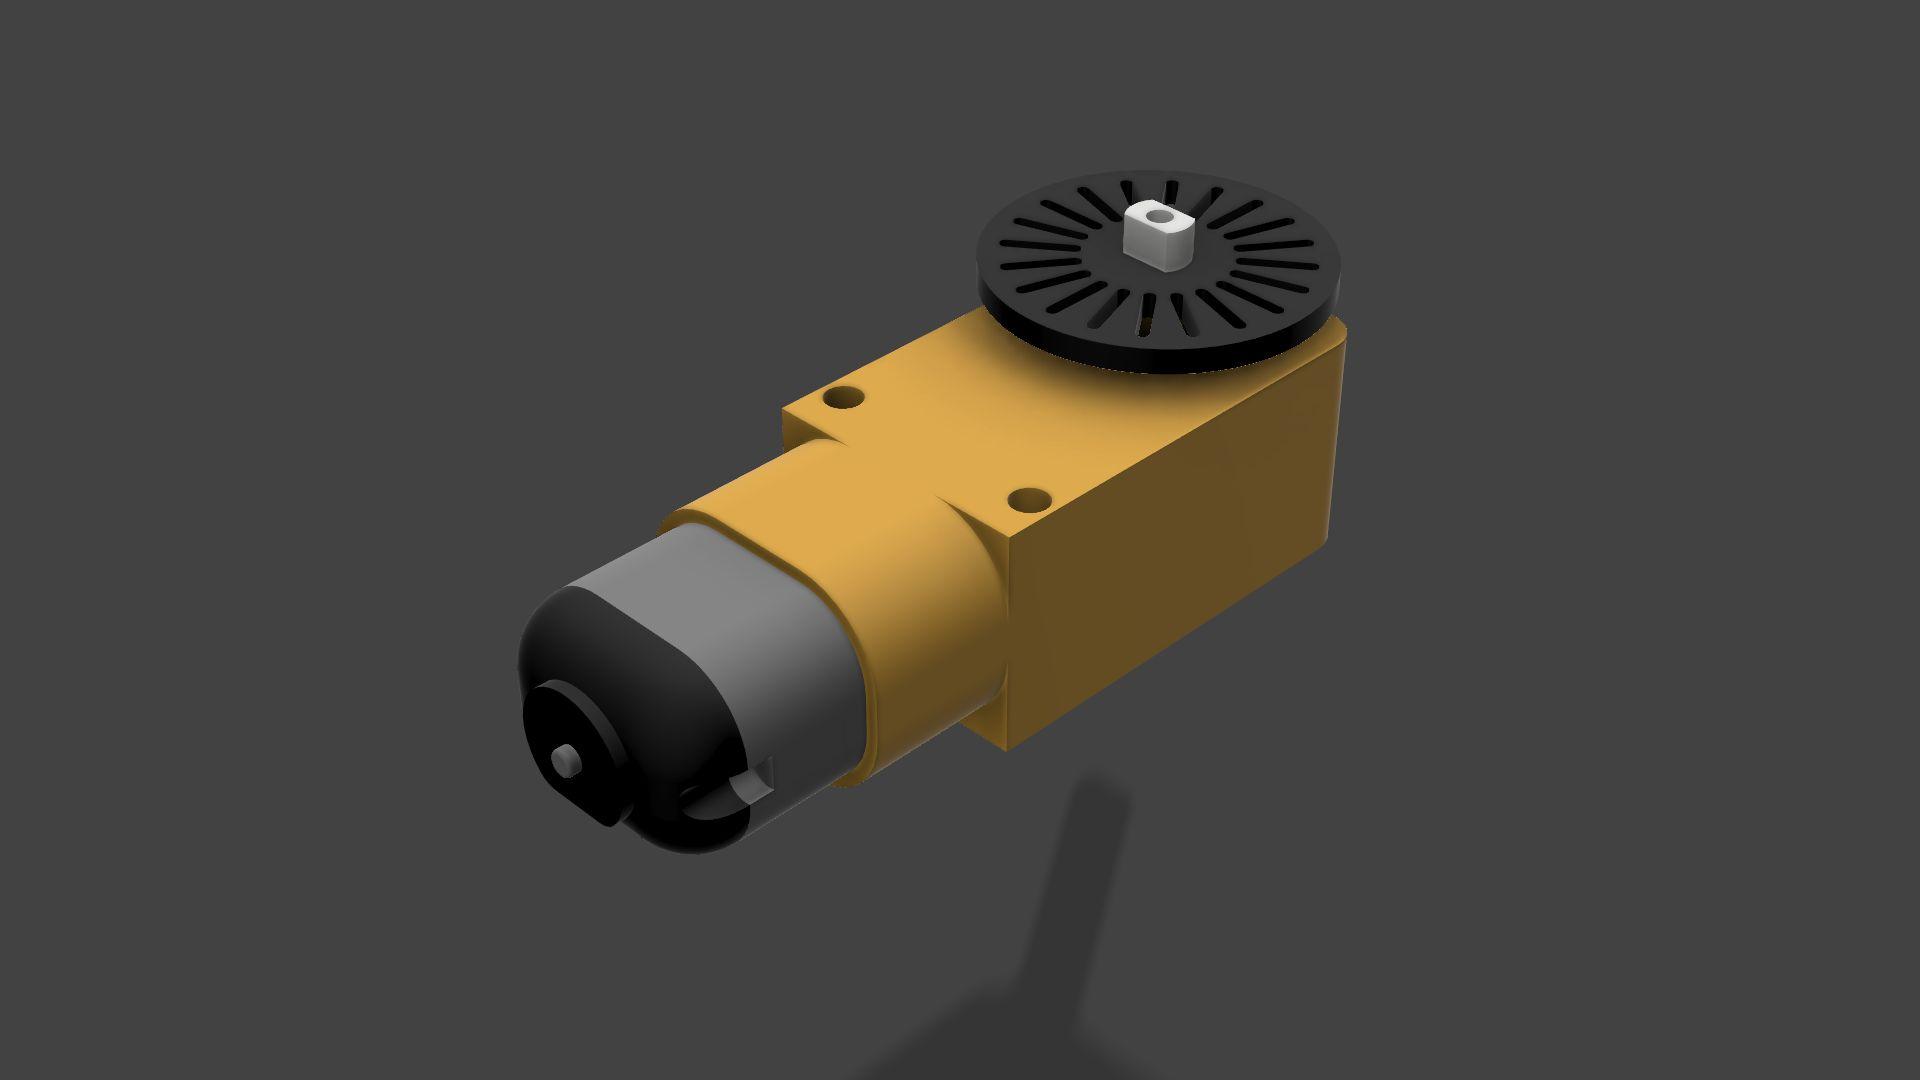 Geared-motor-2-v2-3500-3500